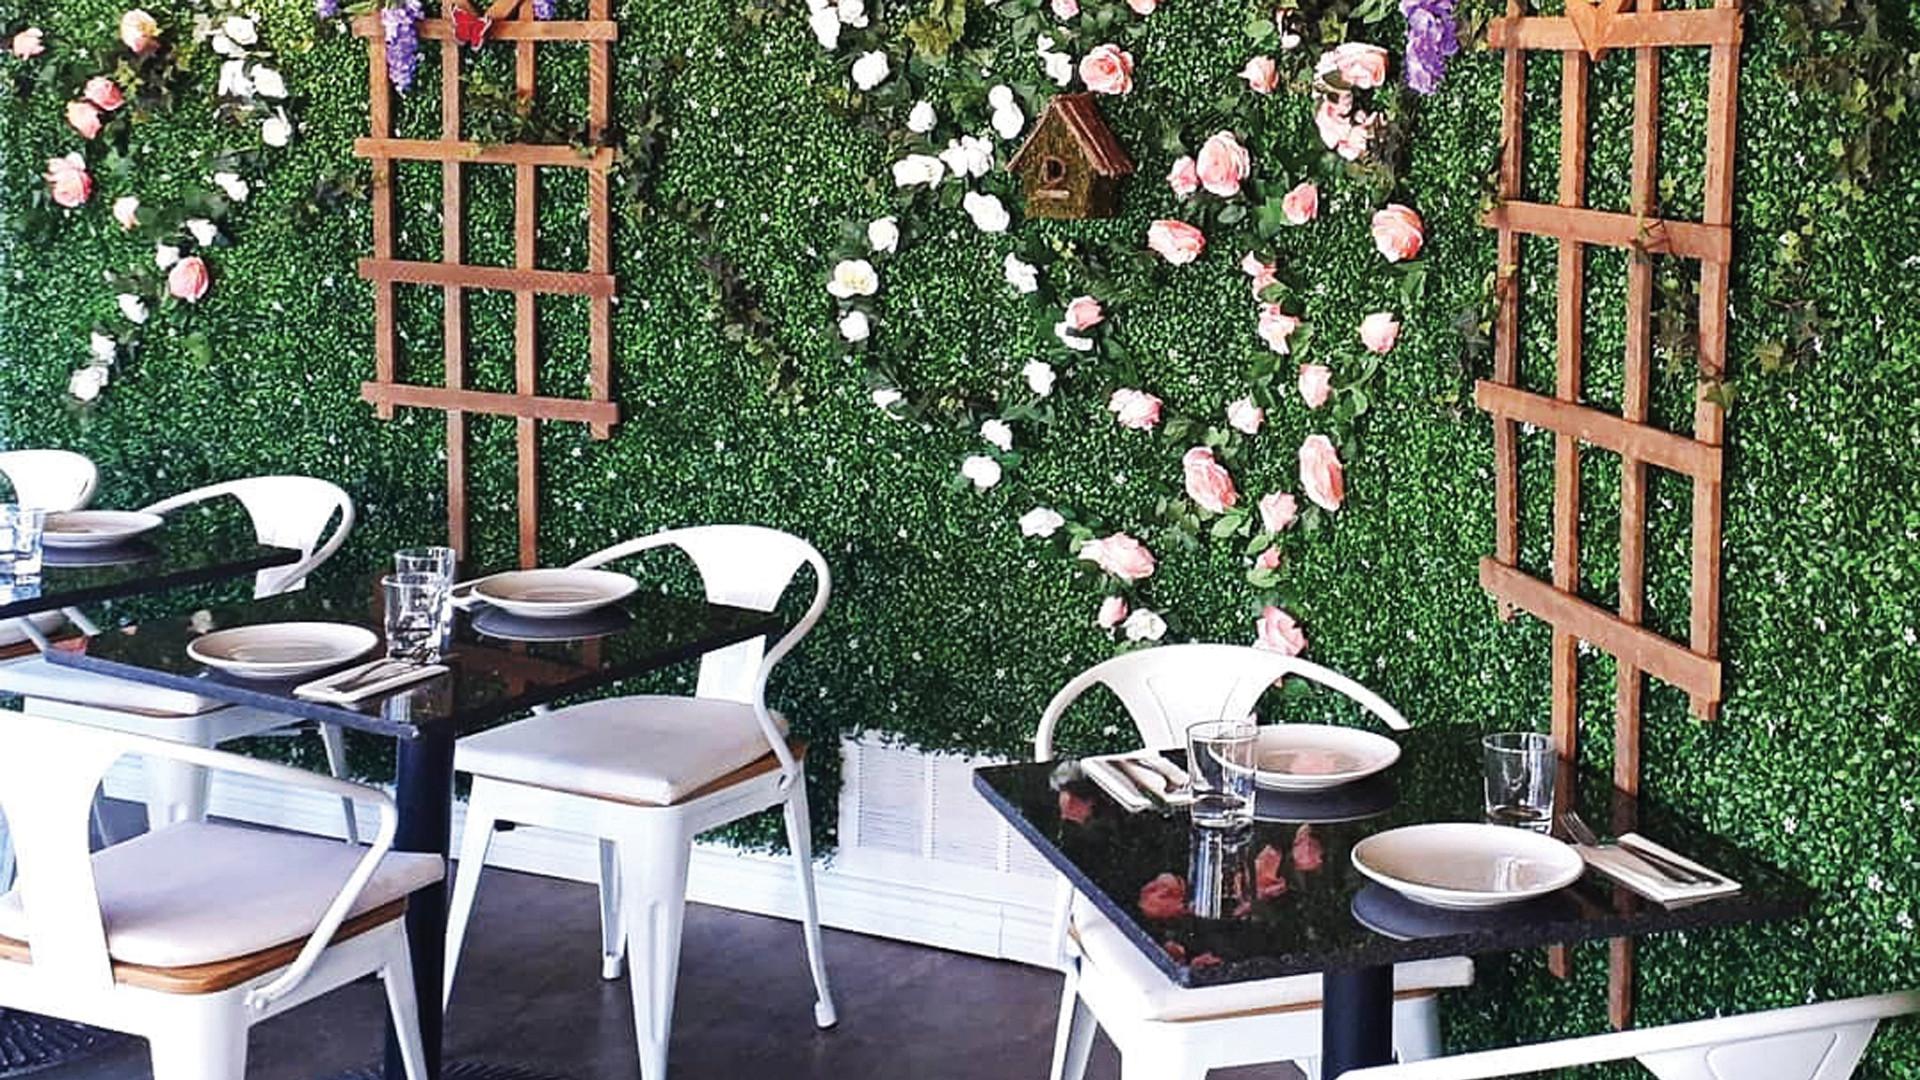 The flower wall inside La Fontana, one of the best Elora restaurants